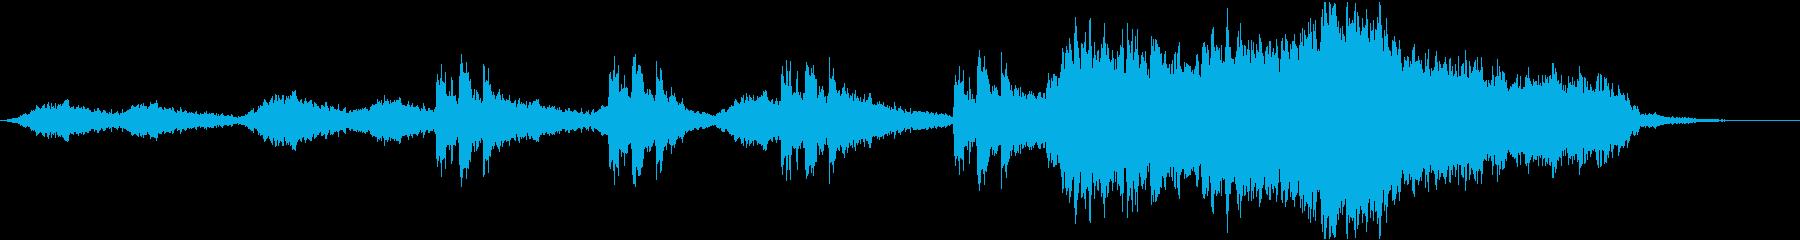 ホラーにしか使えない陰鬱なBGMの再生済みの波形